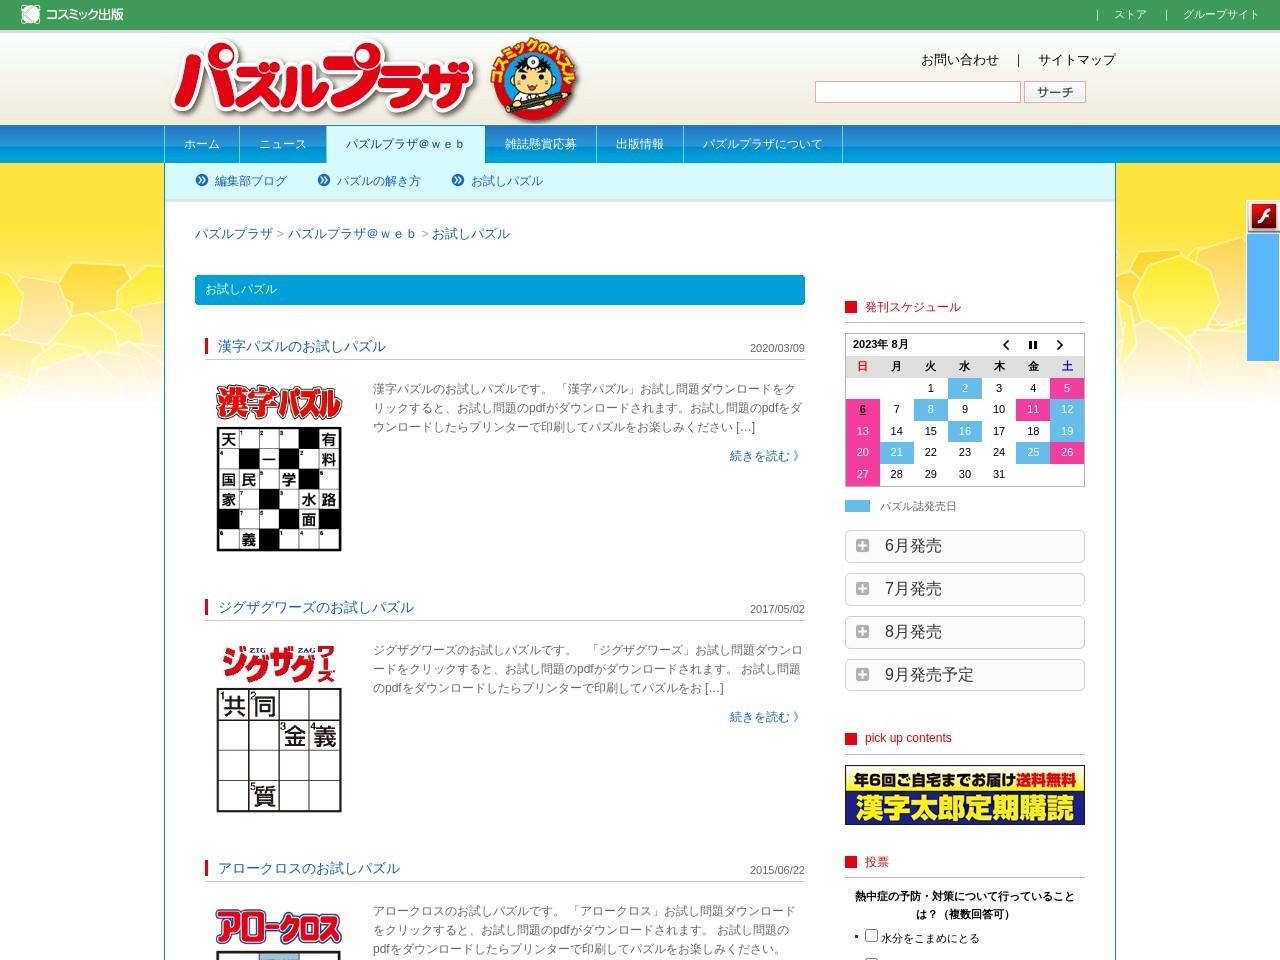 パズルプラザ | コスミック出版のパズル誌総合サイト!ナンプレ・漢字パズル・ナンクロ・クロスワード・スケルトン・アロー・まちがいさがし・点つなぎ